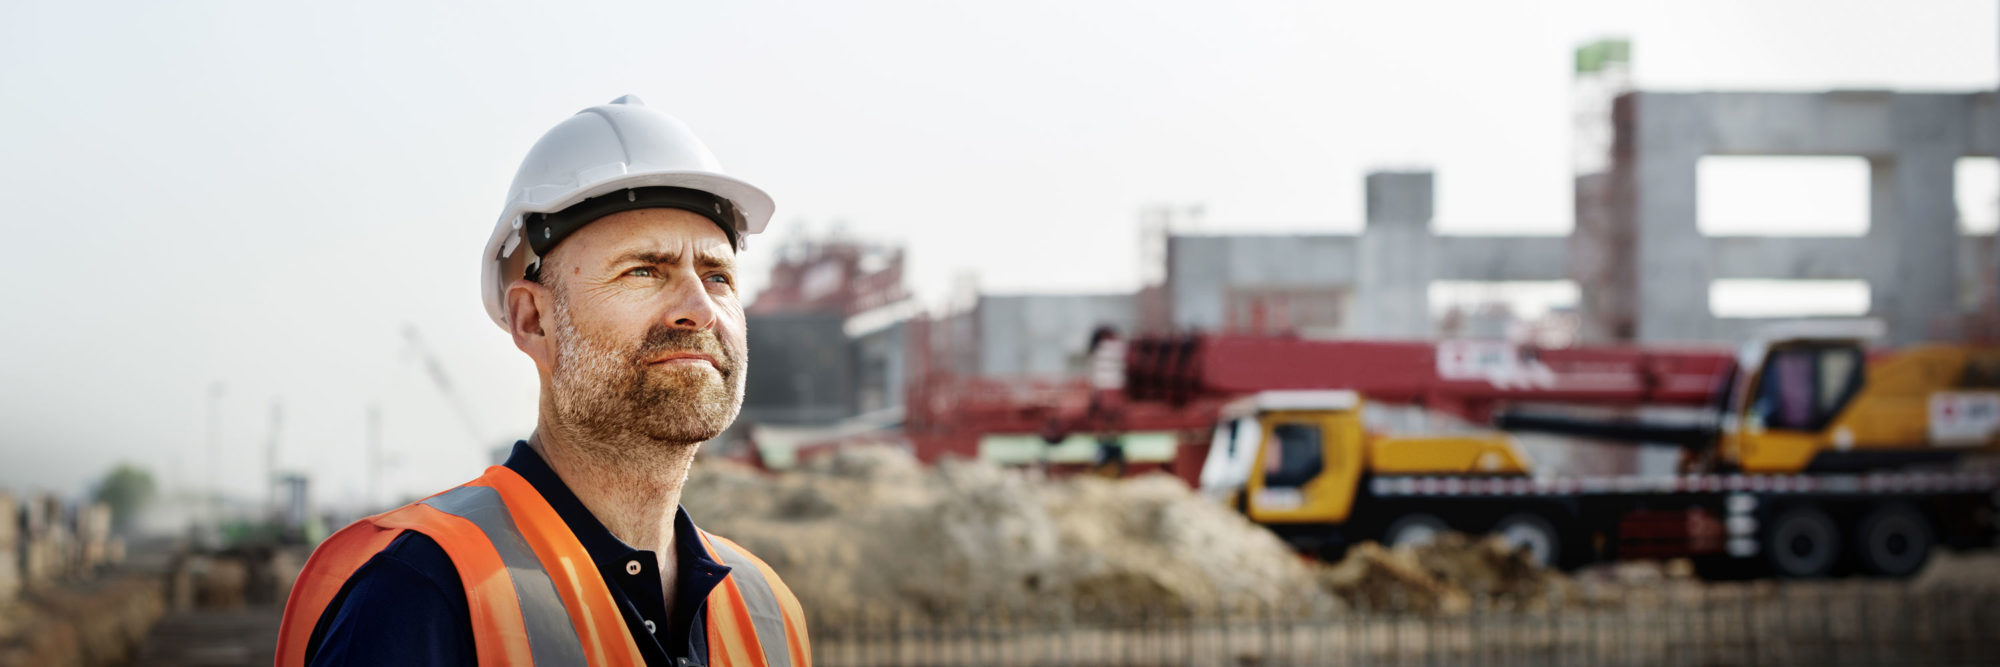 Person på byggarbetsplats med hjälm och väst, blickar möjligen ut över bygget.